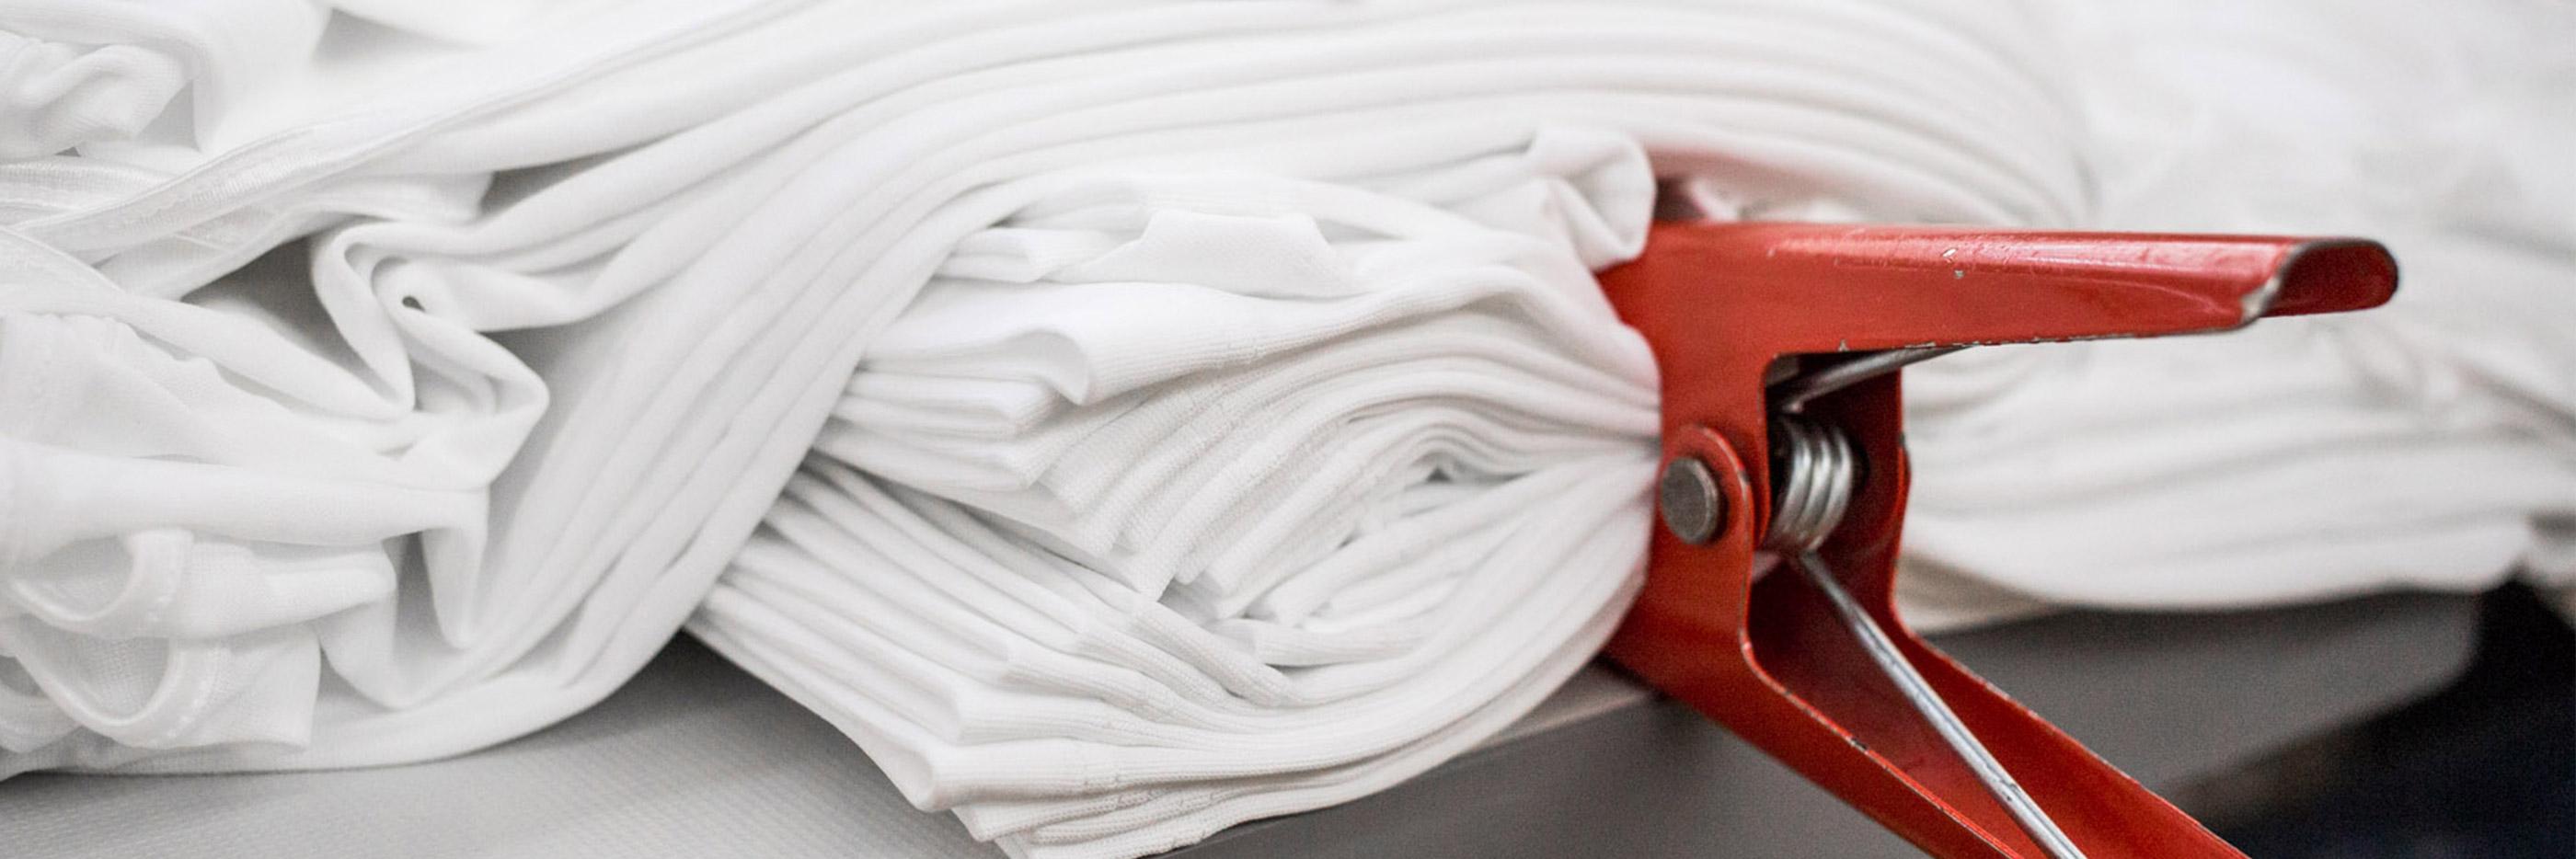 Stoff in weiß in mehreren Lagen gefaltet und mit einer roten Zange fixiert, Vorbereitung für den Kalander-Prozess| mey®